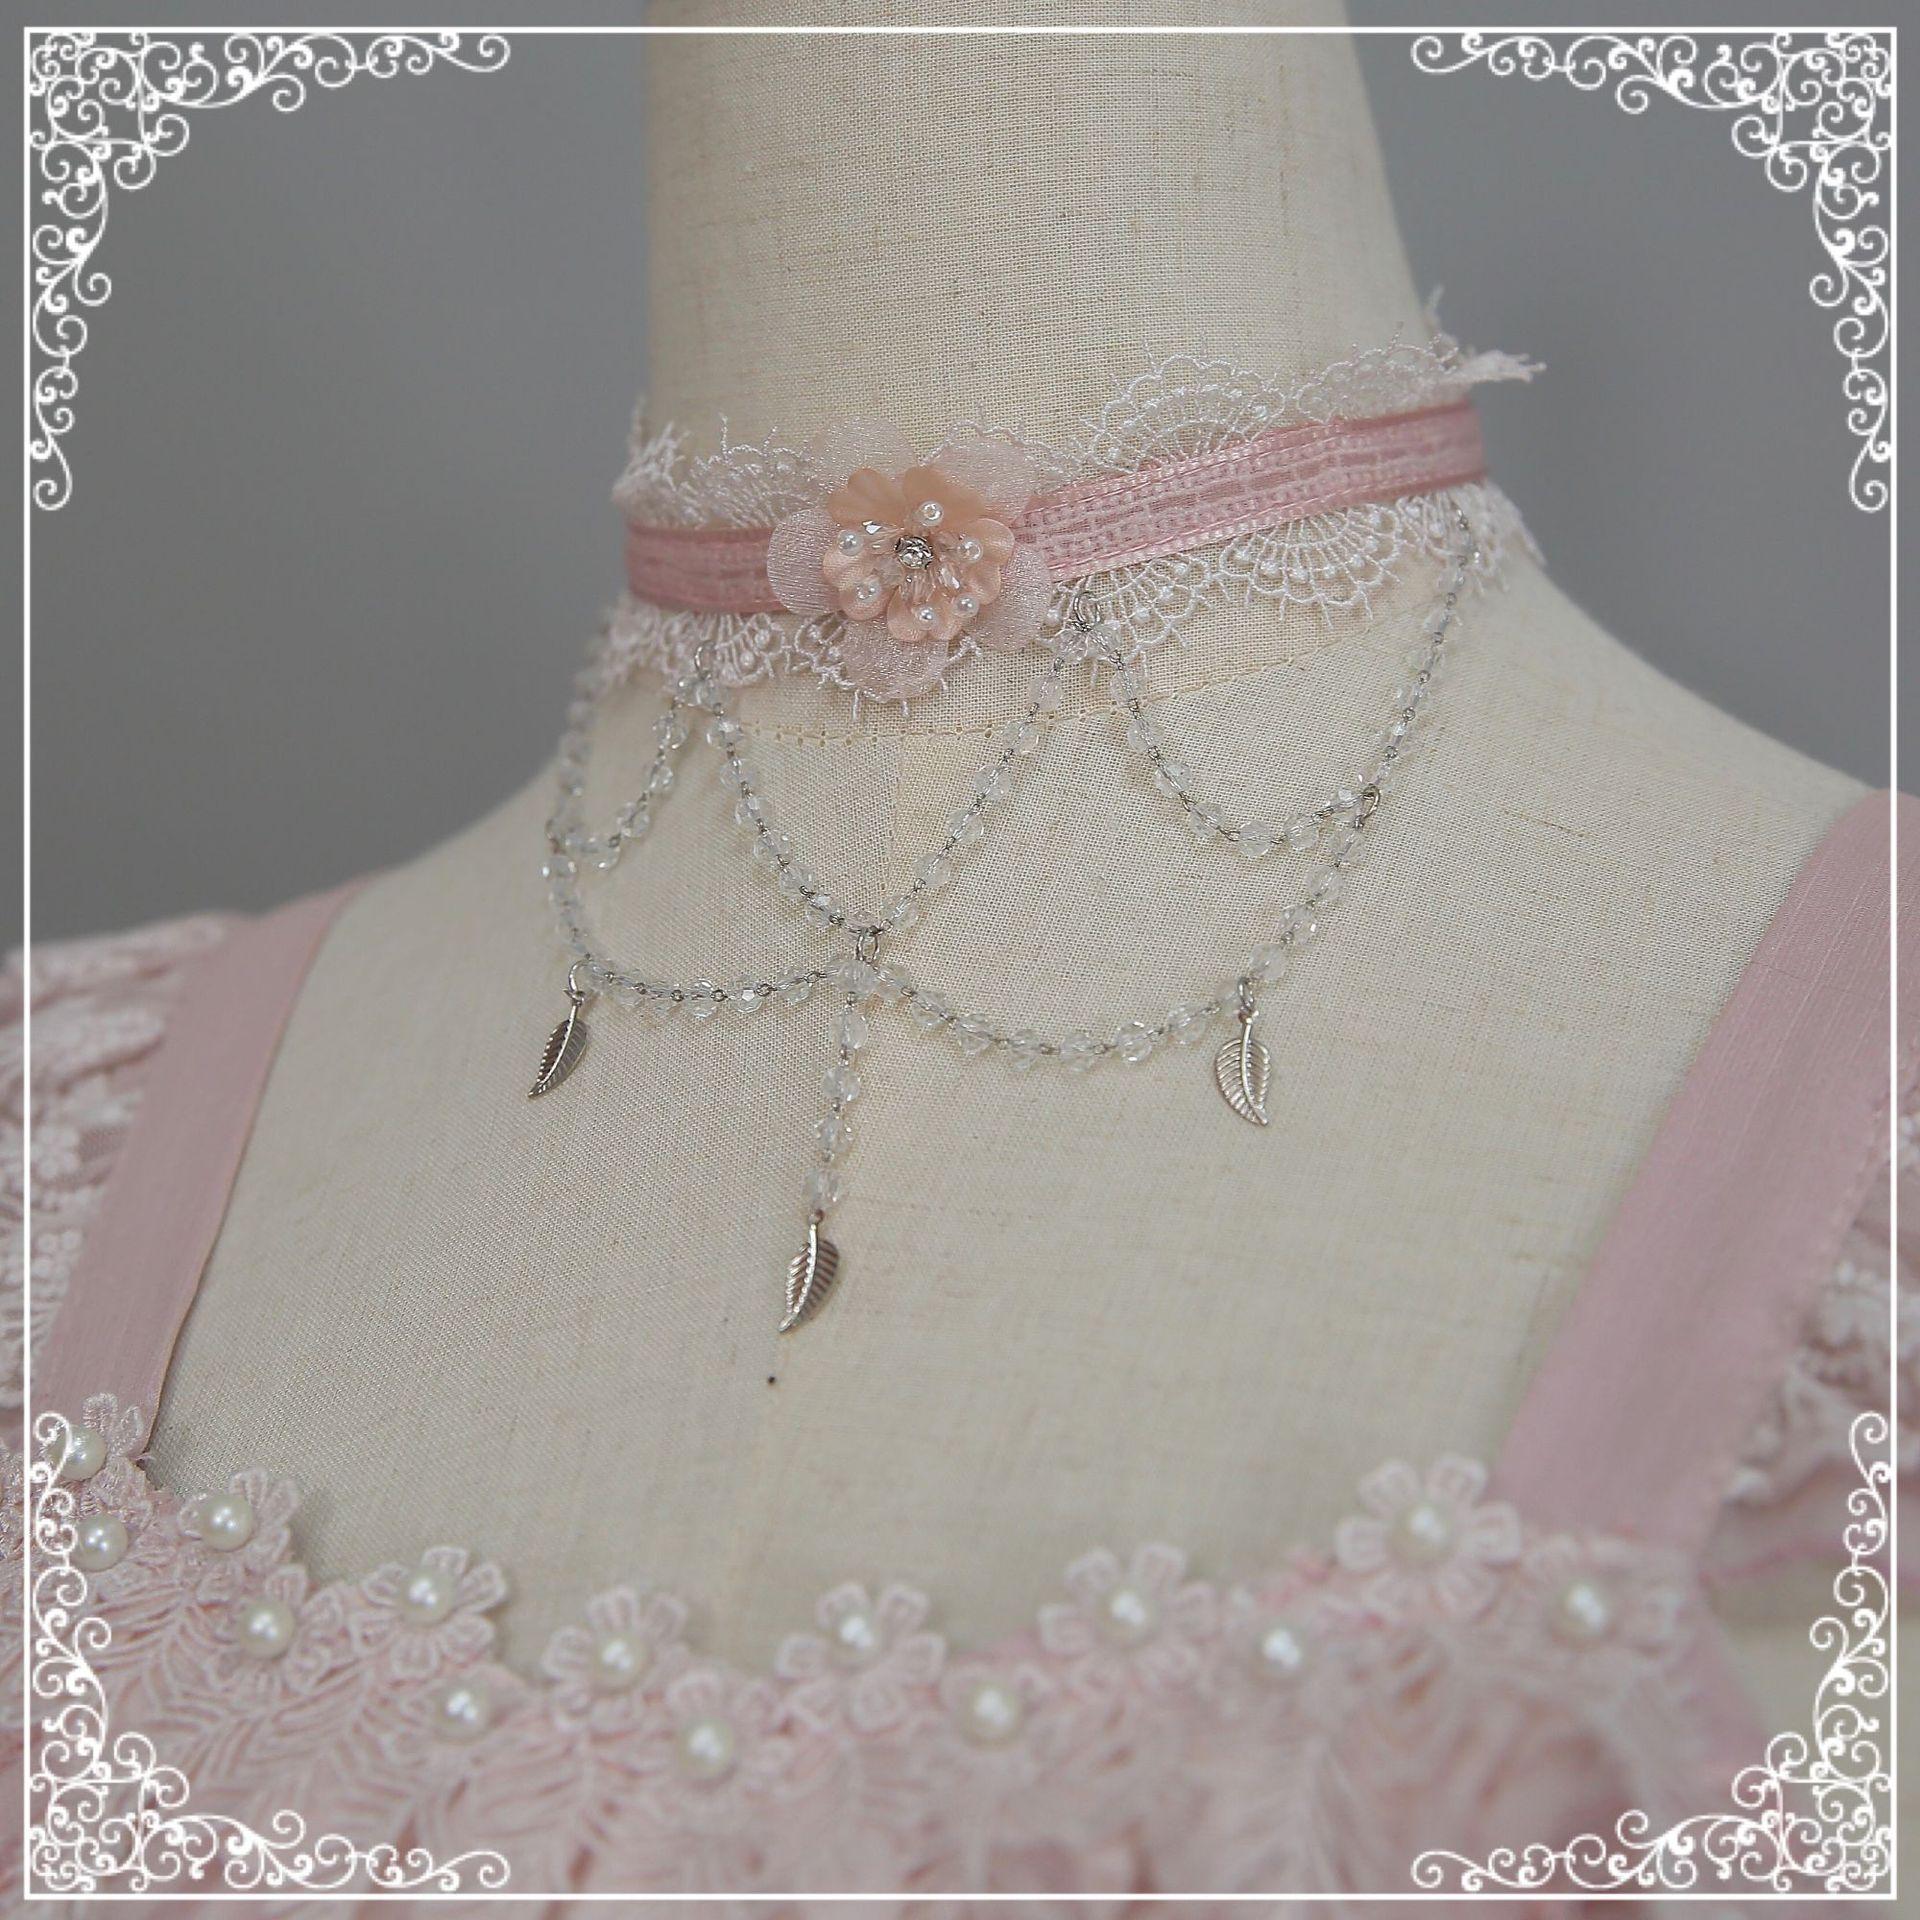 花入羽と小物のネックレスオリジナルロリータの首飾りチェーンの首飾りLolitaペンダント